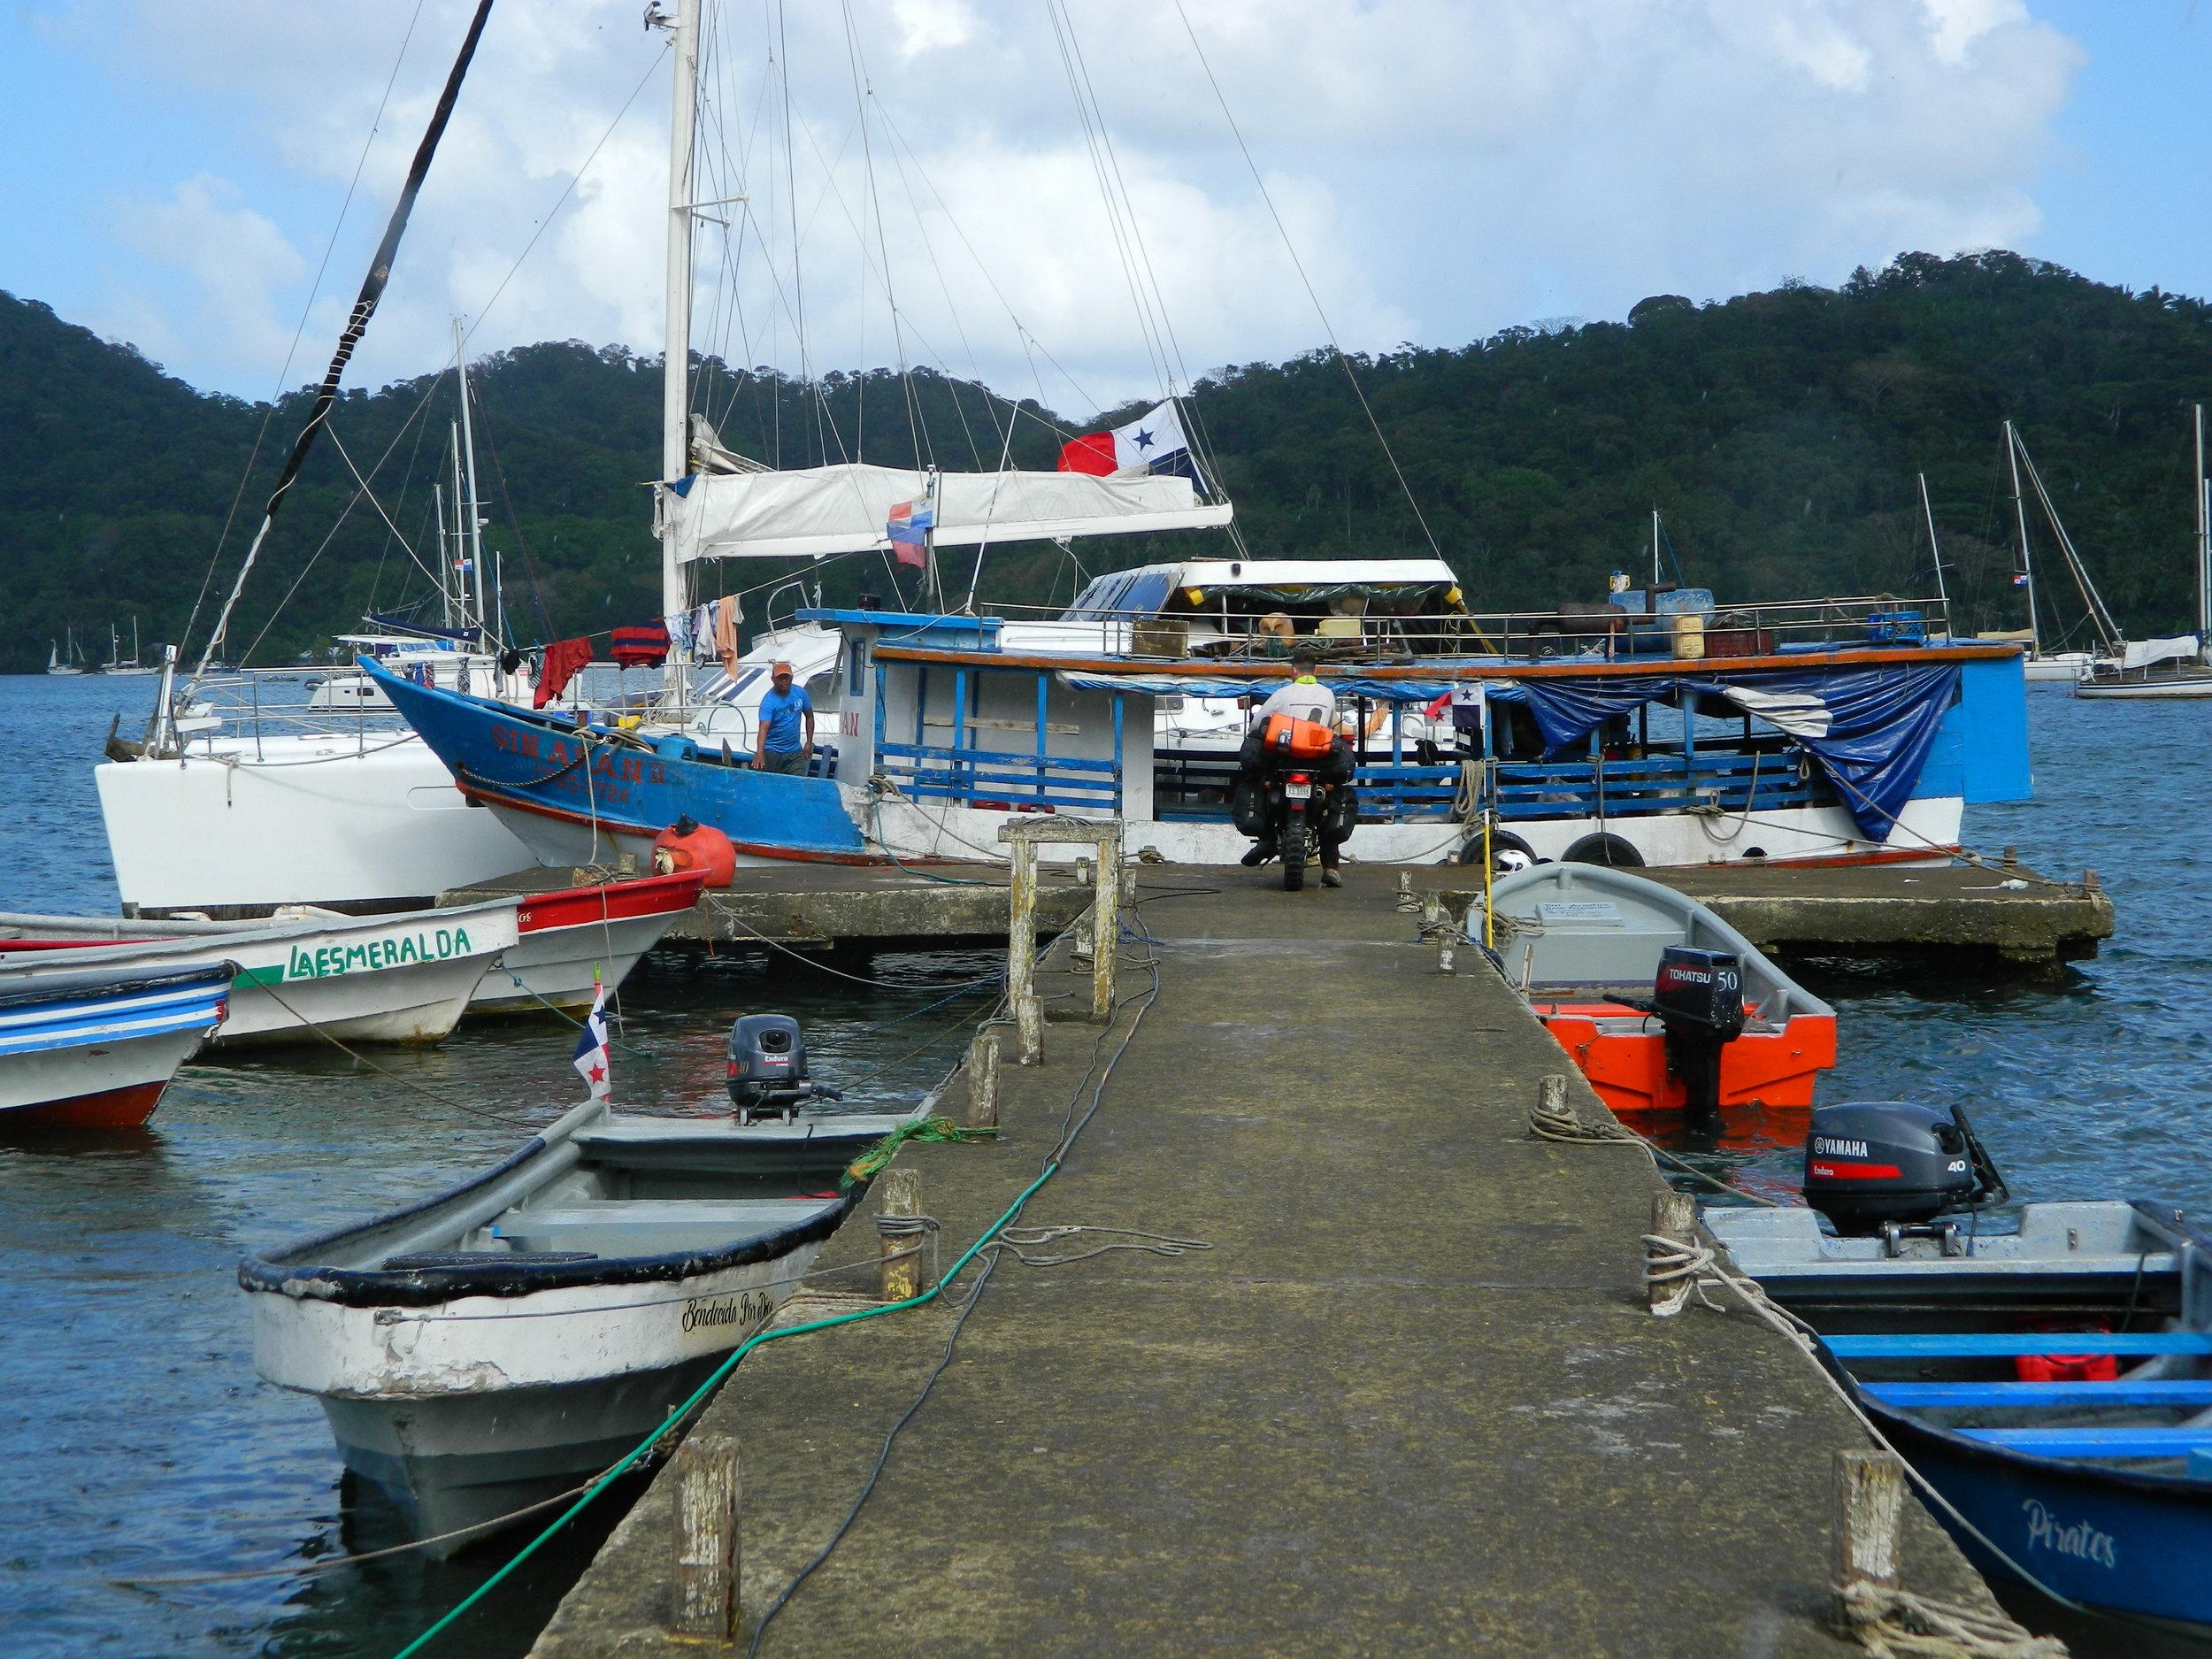 Panama Boat.JPG